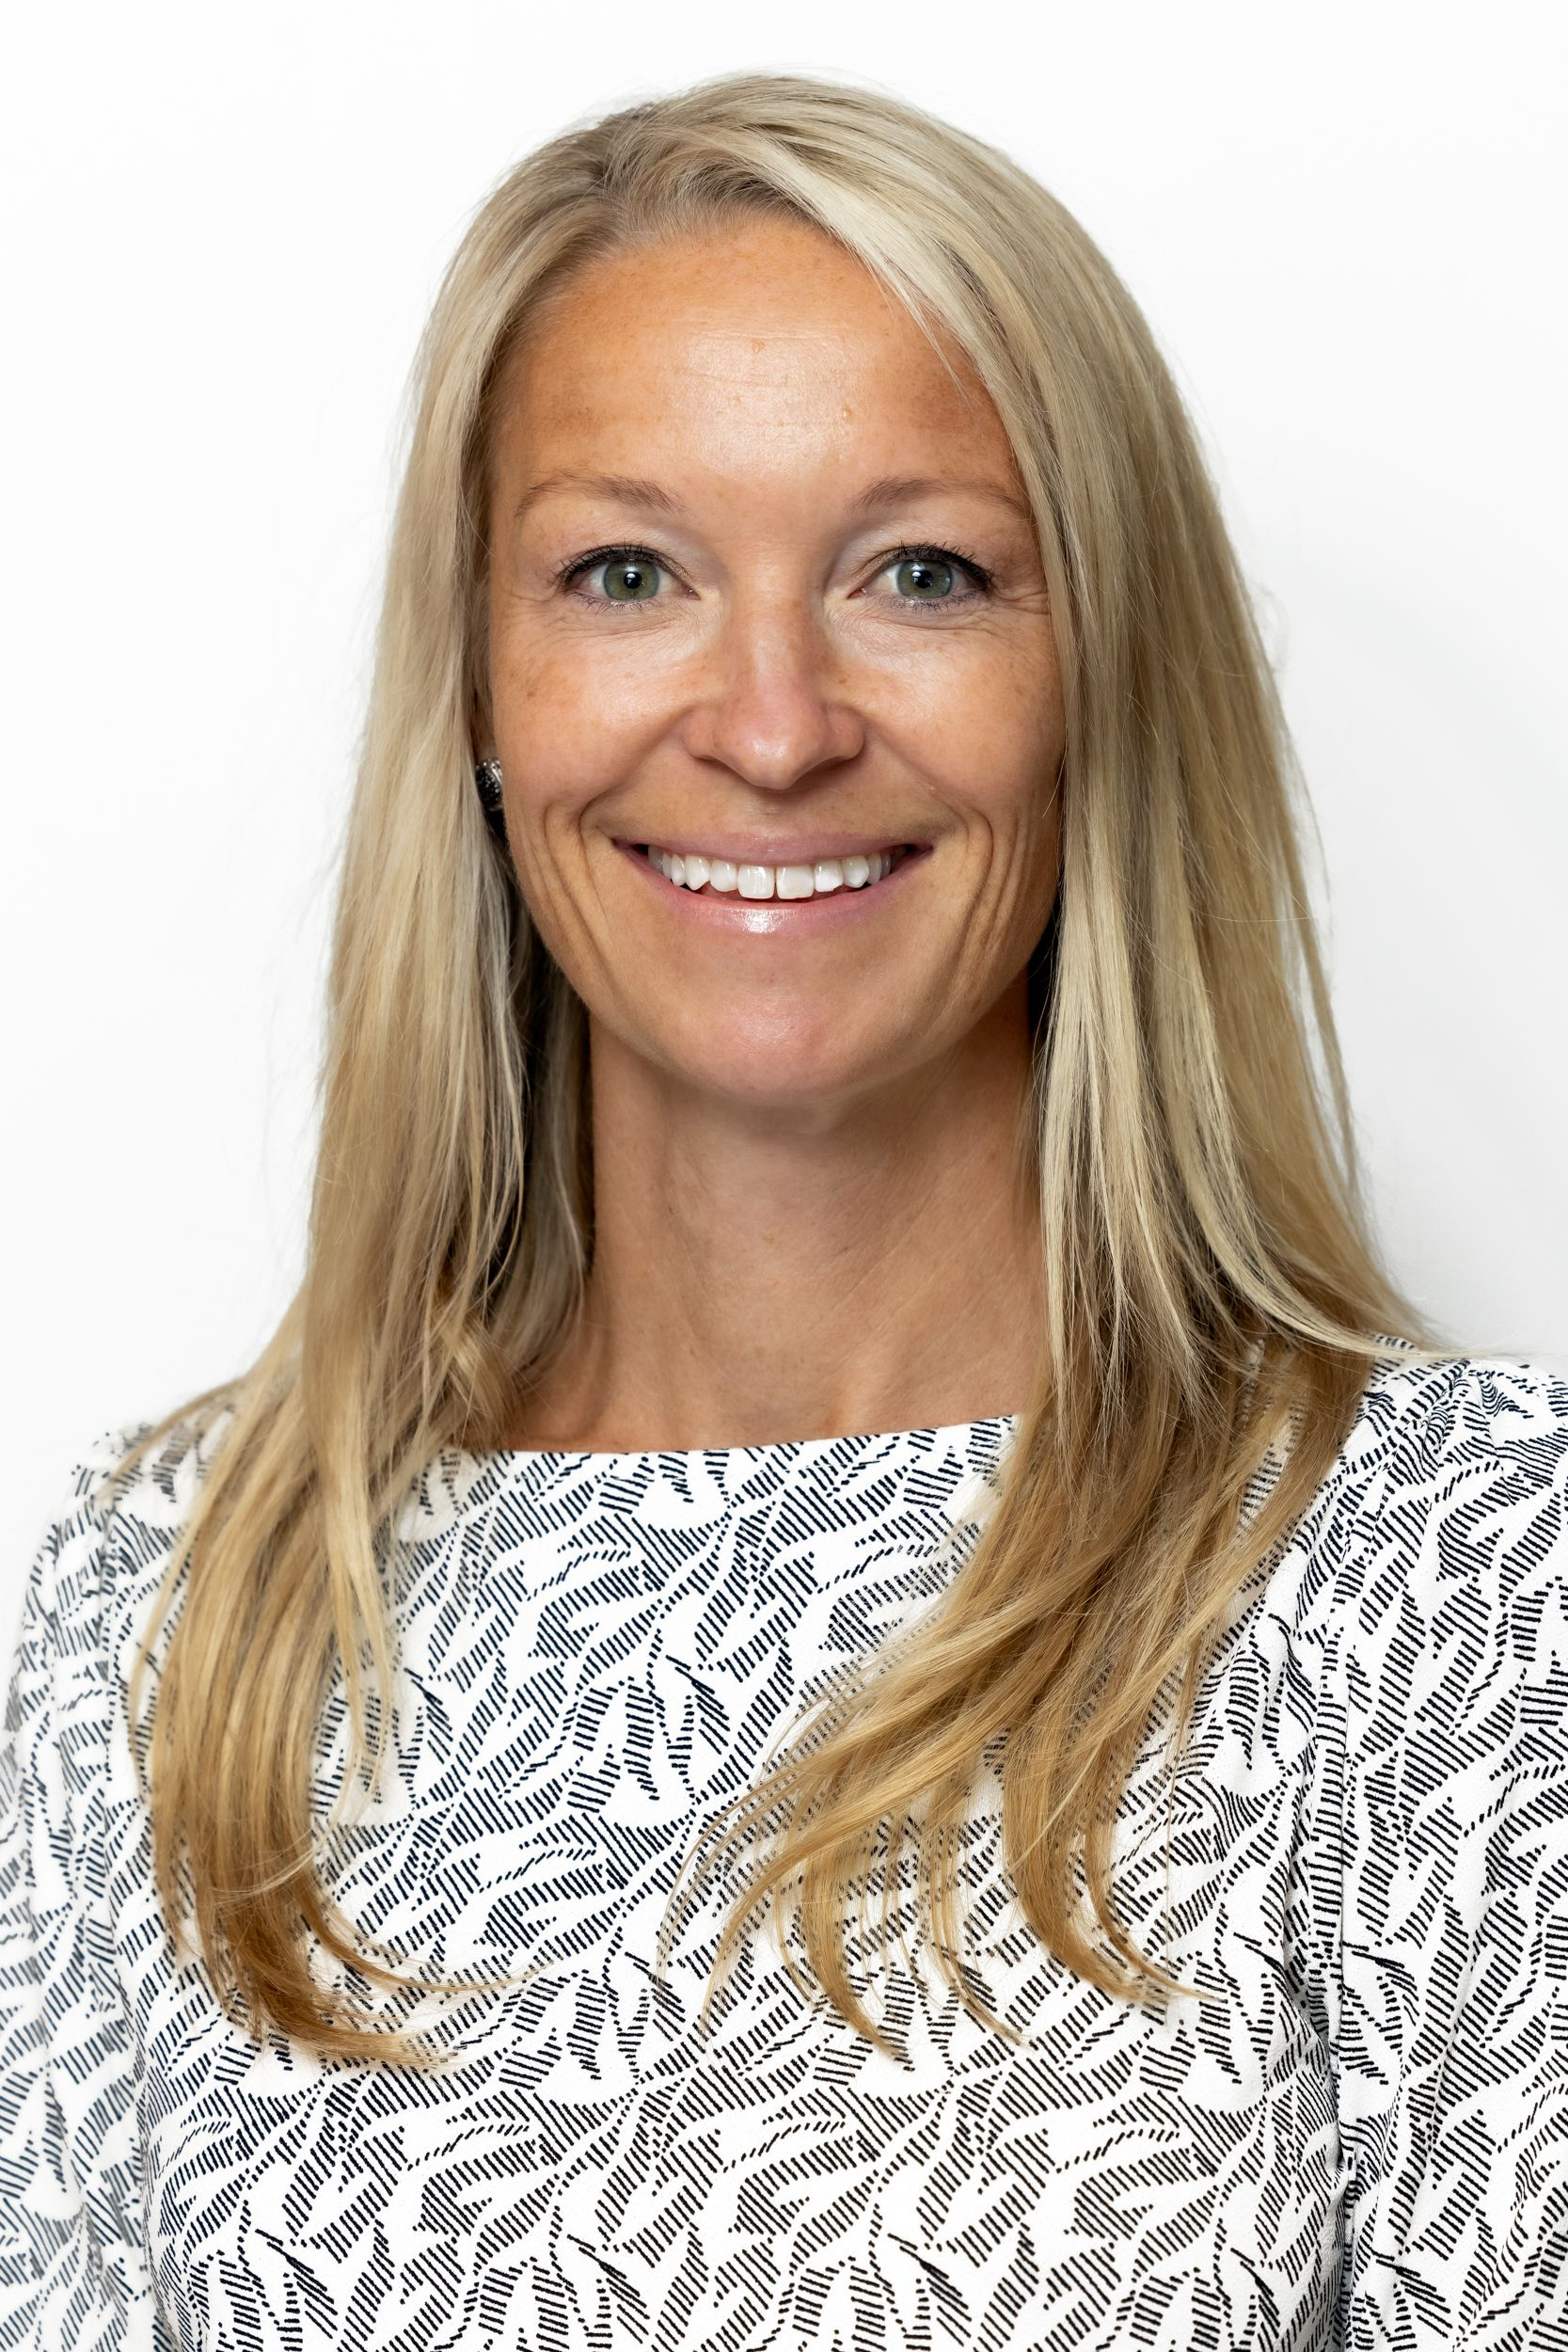 Alyssa Halisky  broker headshot picture